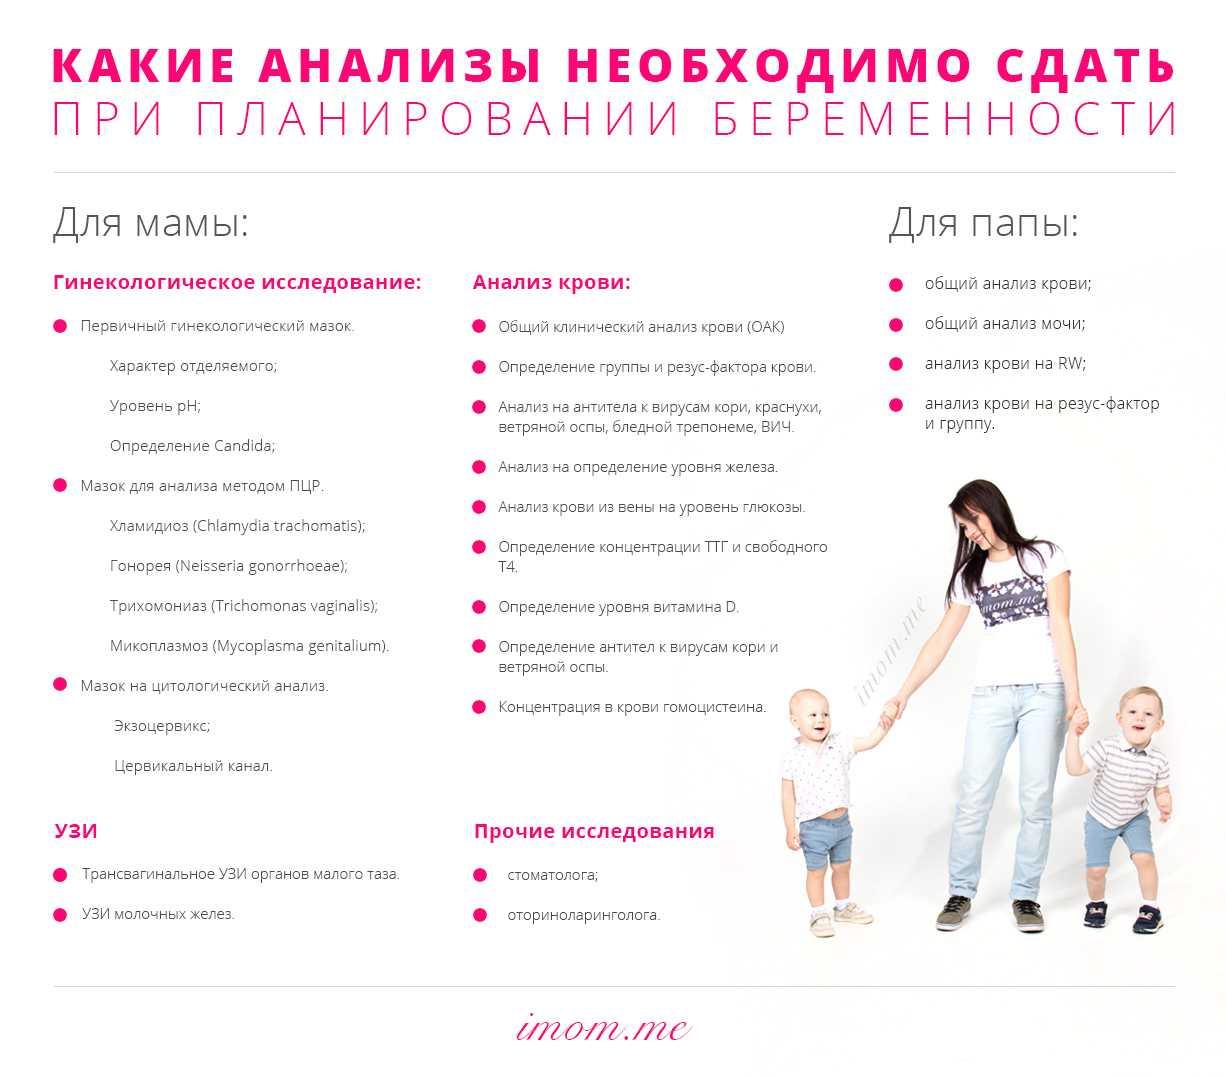 Папу на проверку. обследование мужчины перед зачатием. анализы для мужчин при планировании беременности